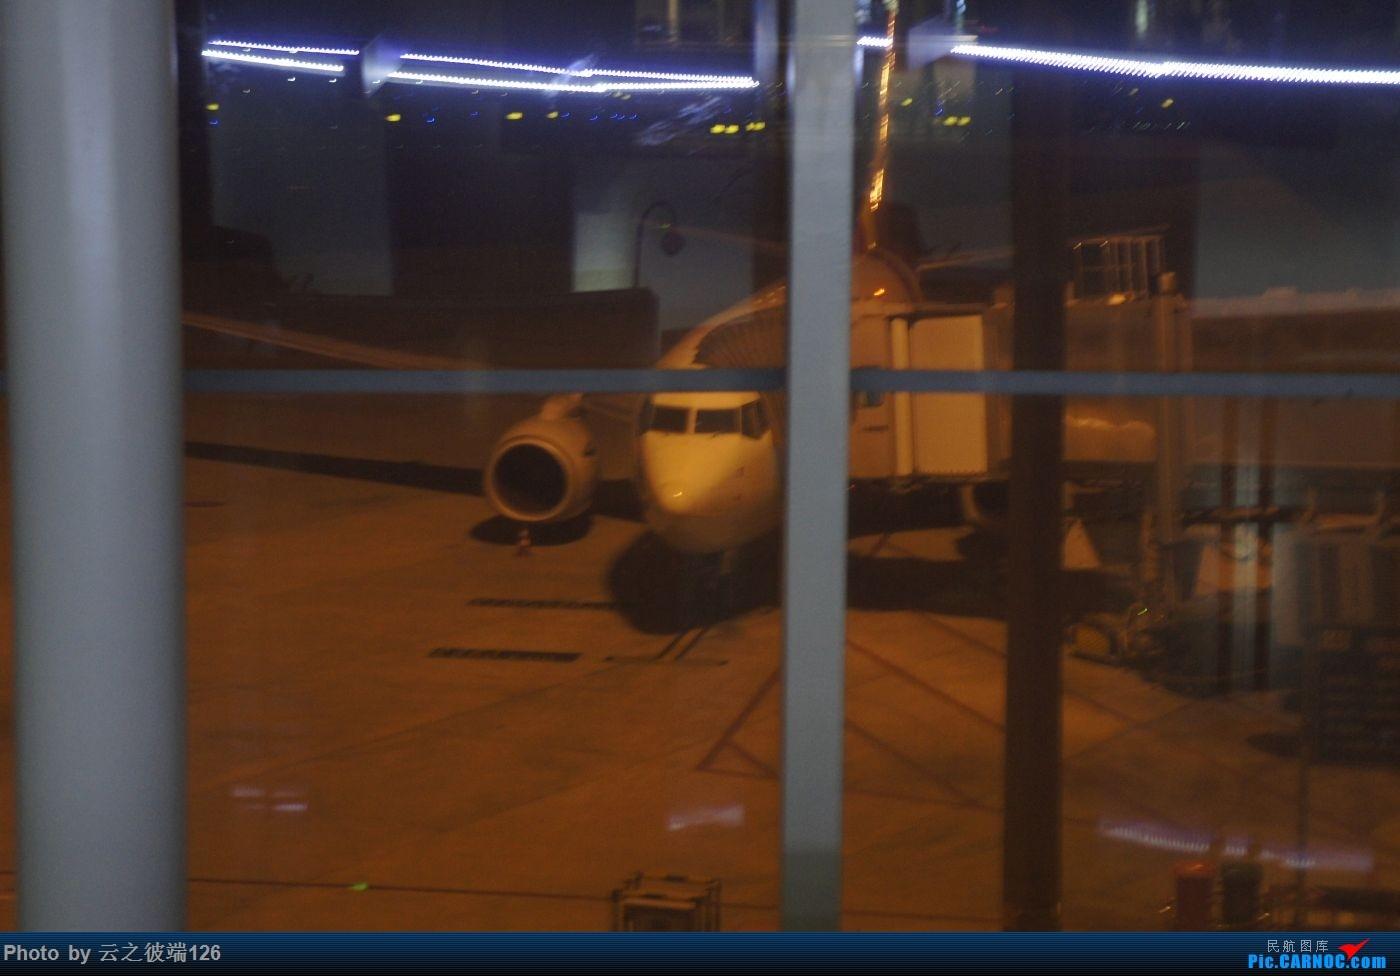 Re:[原创]KHN-CTU-JZH-CTU-NKG造访蜀地,体验世界里程最贵机票,多图 BOEING 737-700 B-5823 中国成都双流国际机场